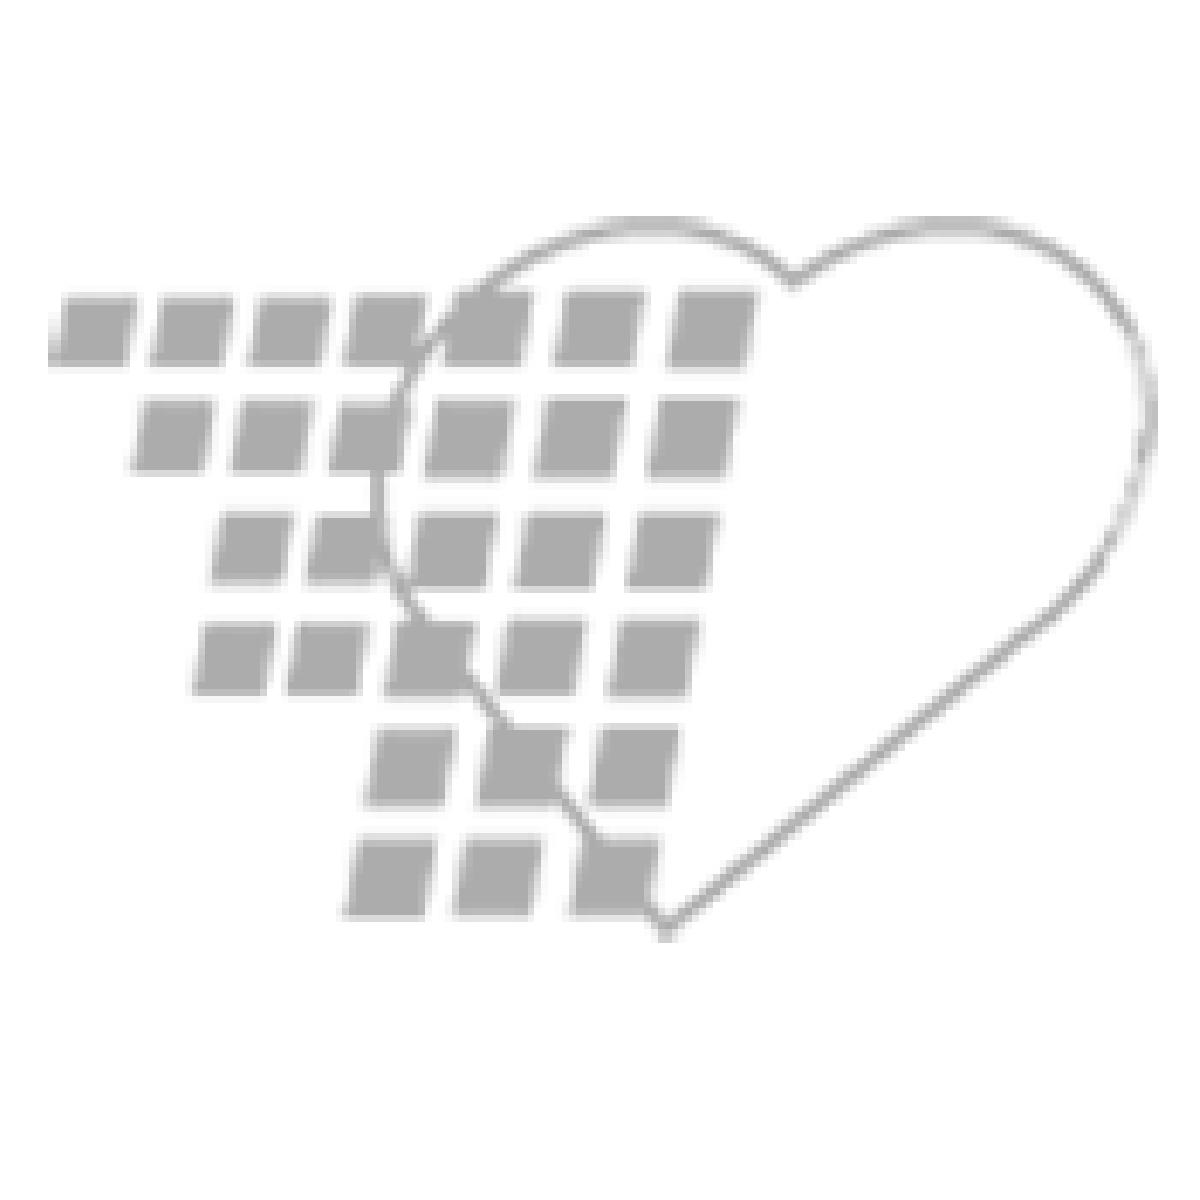 06-93-1070-250ML Demo Dose® Heparn in Sodim Premix 25,000 units